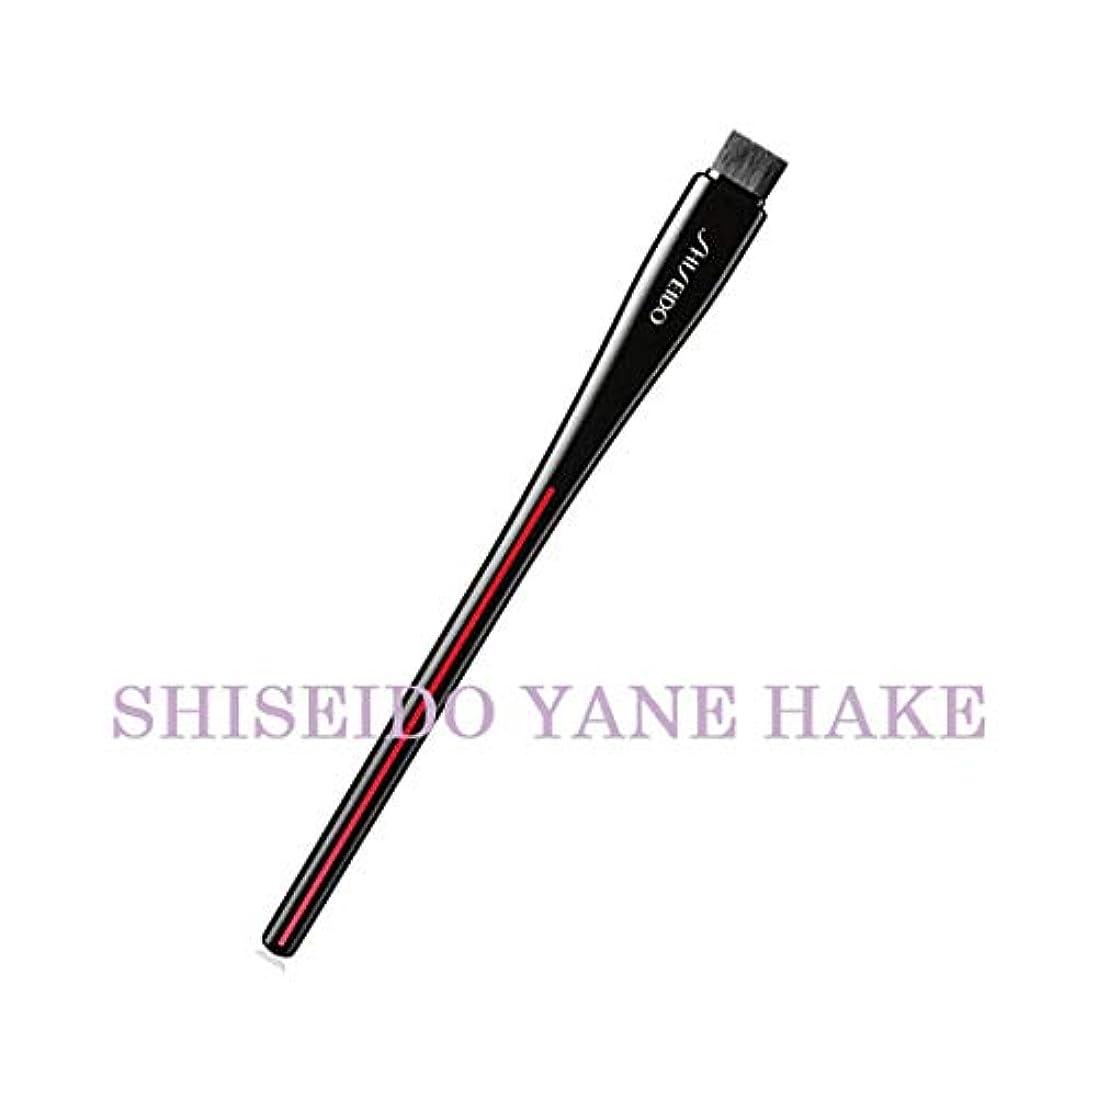 勝つコンチネンタル酔うSHISEIDO Makeup(資生堂 メーキャップ) SHISEIDO(資生堂) SHISEIDO YANE HAKE プレシジョン アイブラシ